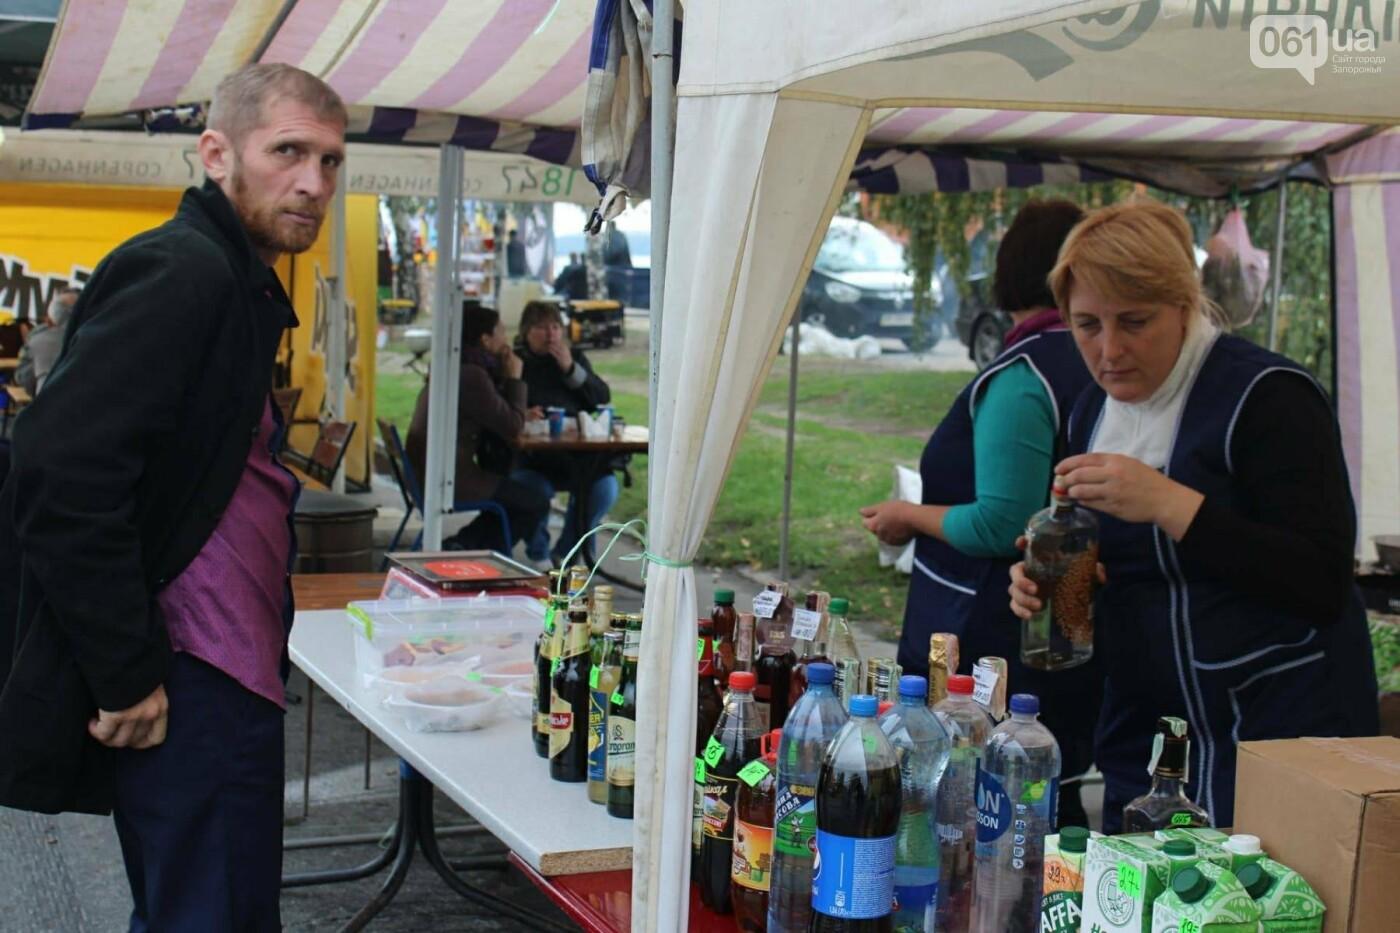 На Покровской ярмарке, несмотря на запрет, с самого утра продают алкоголь, - ФОТО, фото-12